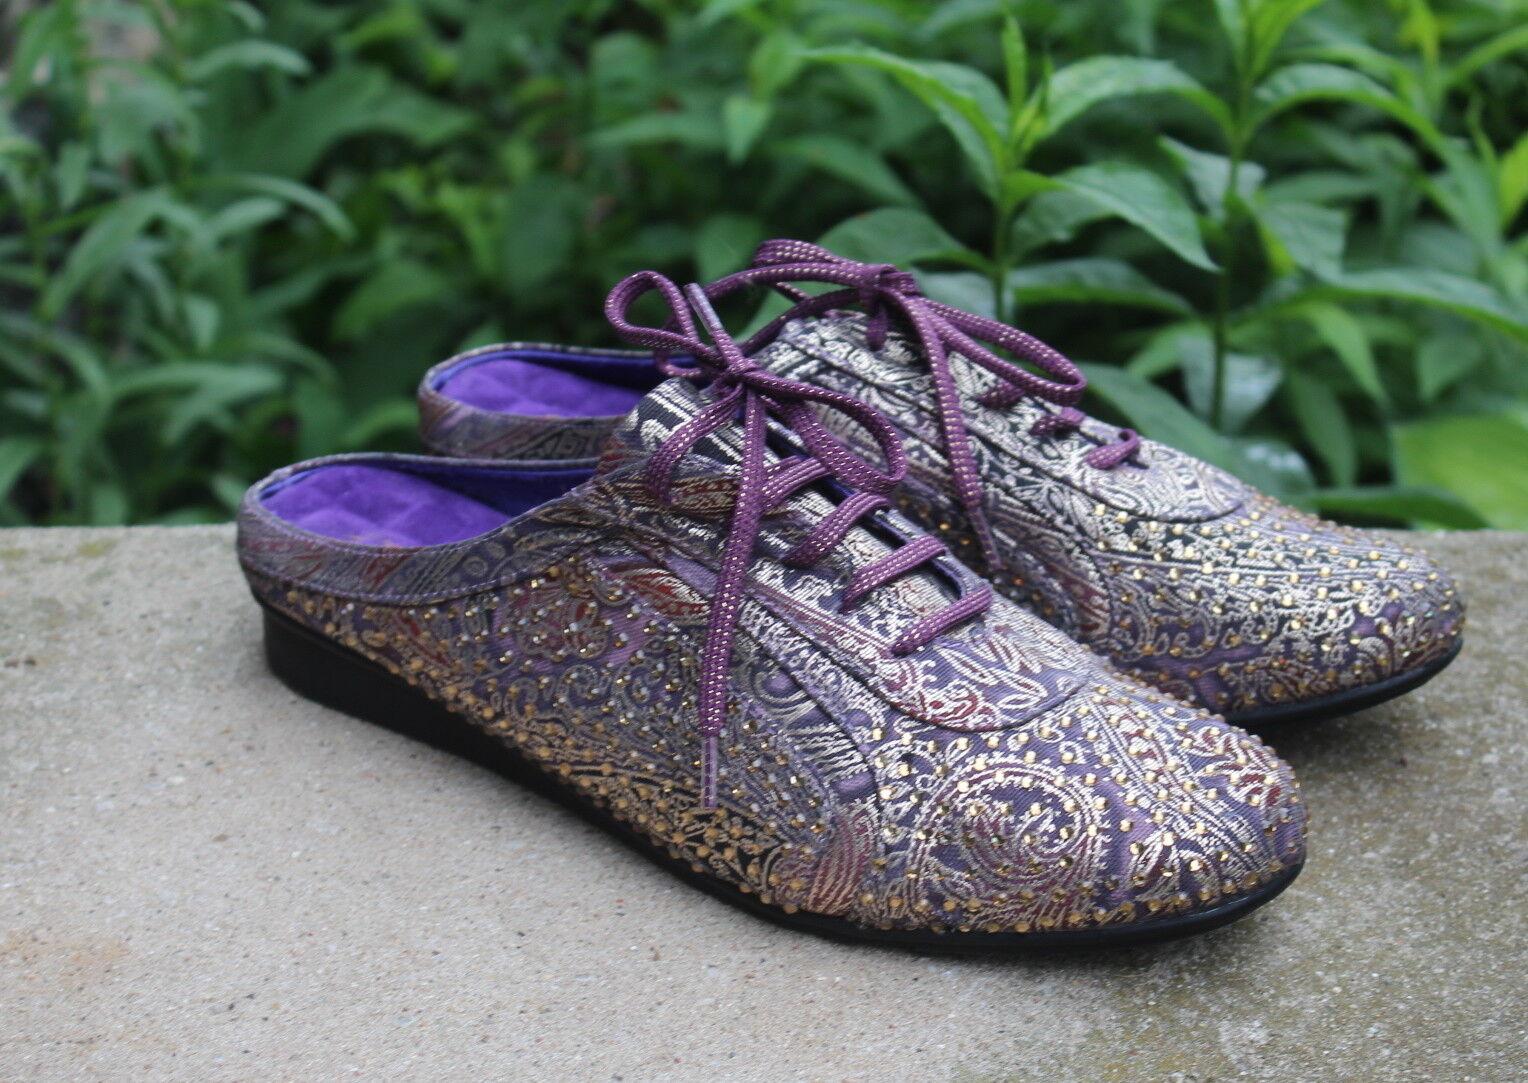 Joan Boyce - 11W 11 W Art-to-Wear Crystal Paisley Purple FUNKY Slide Mules Schuhes